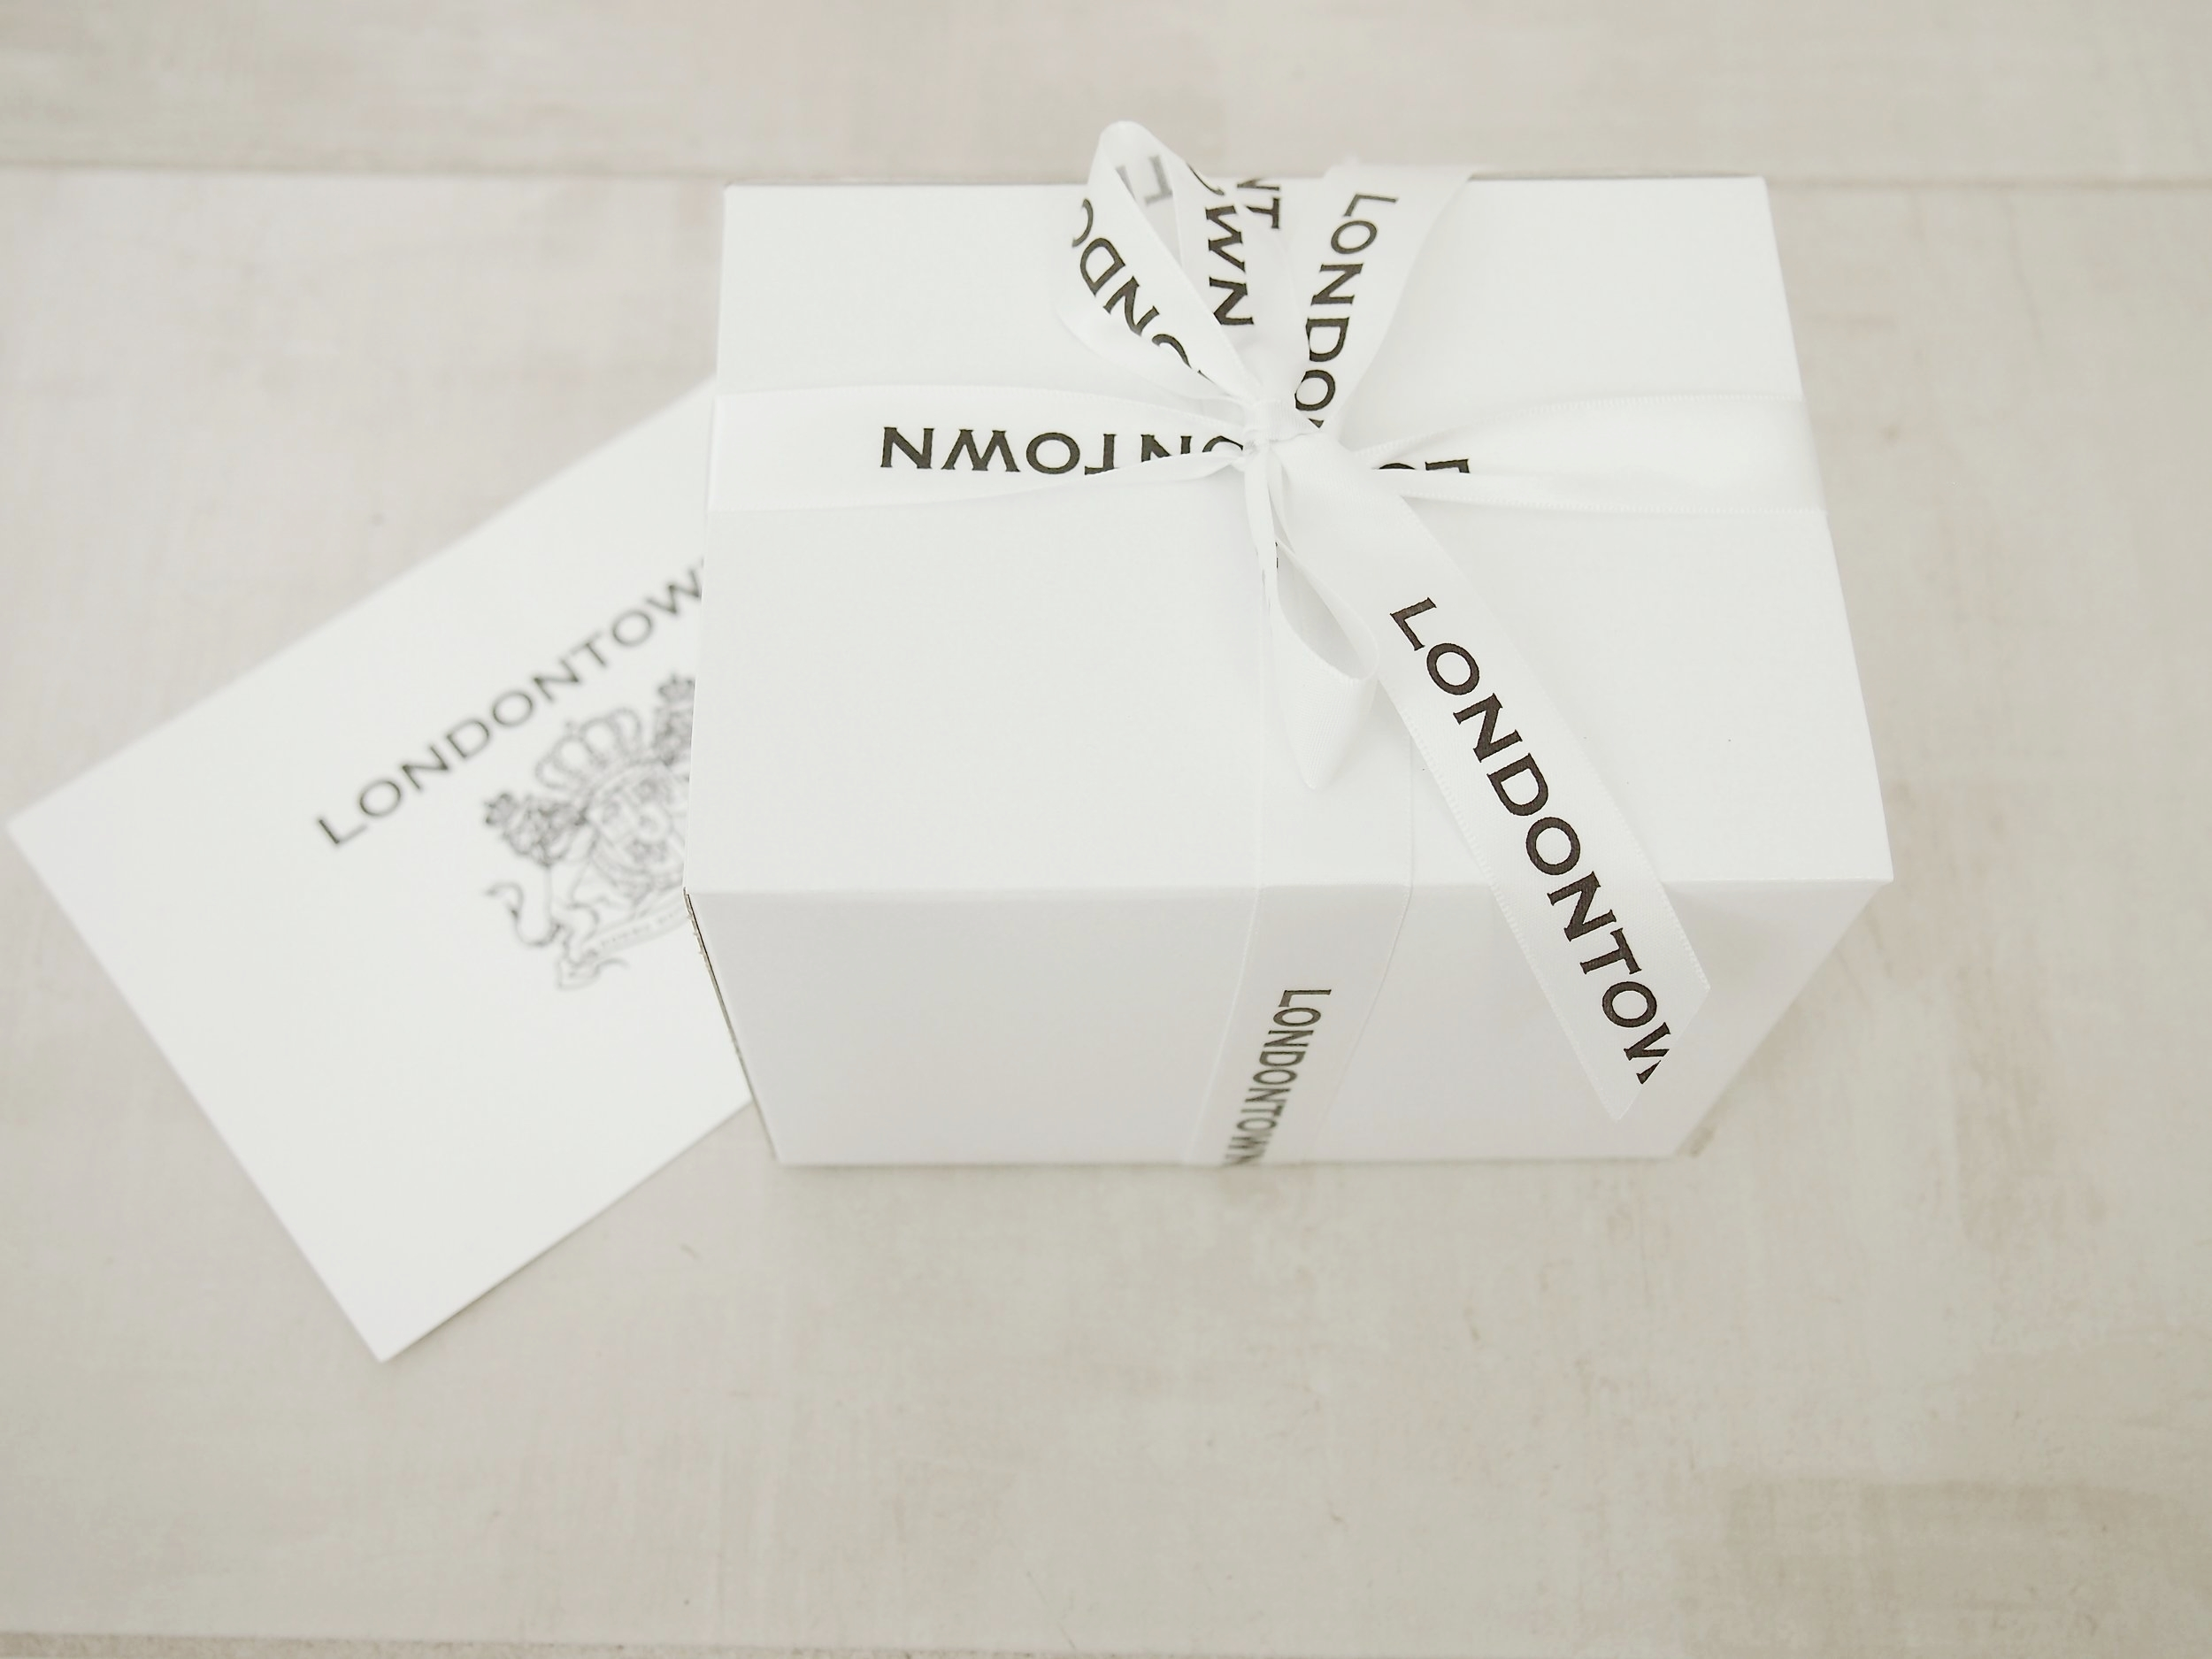 londontown-nailpolish-review-beauty.JPG